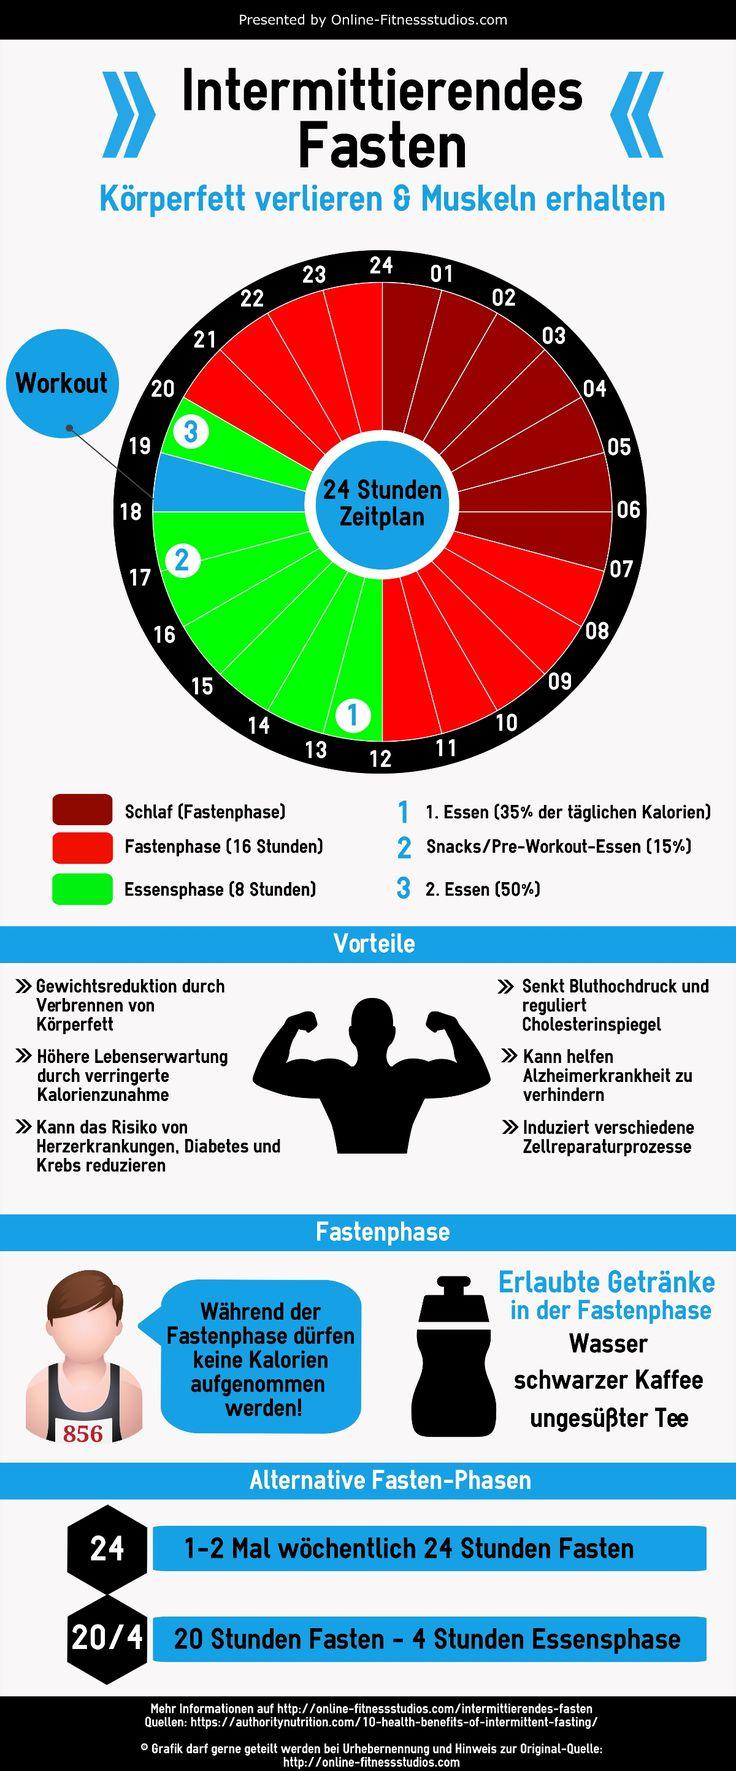 Intermittierendes Fasten Infografik